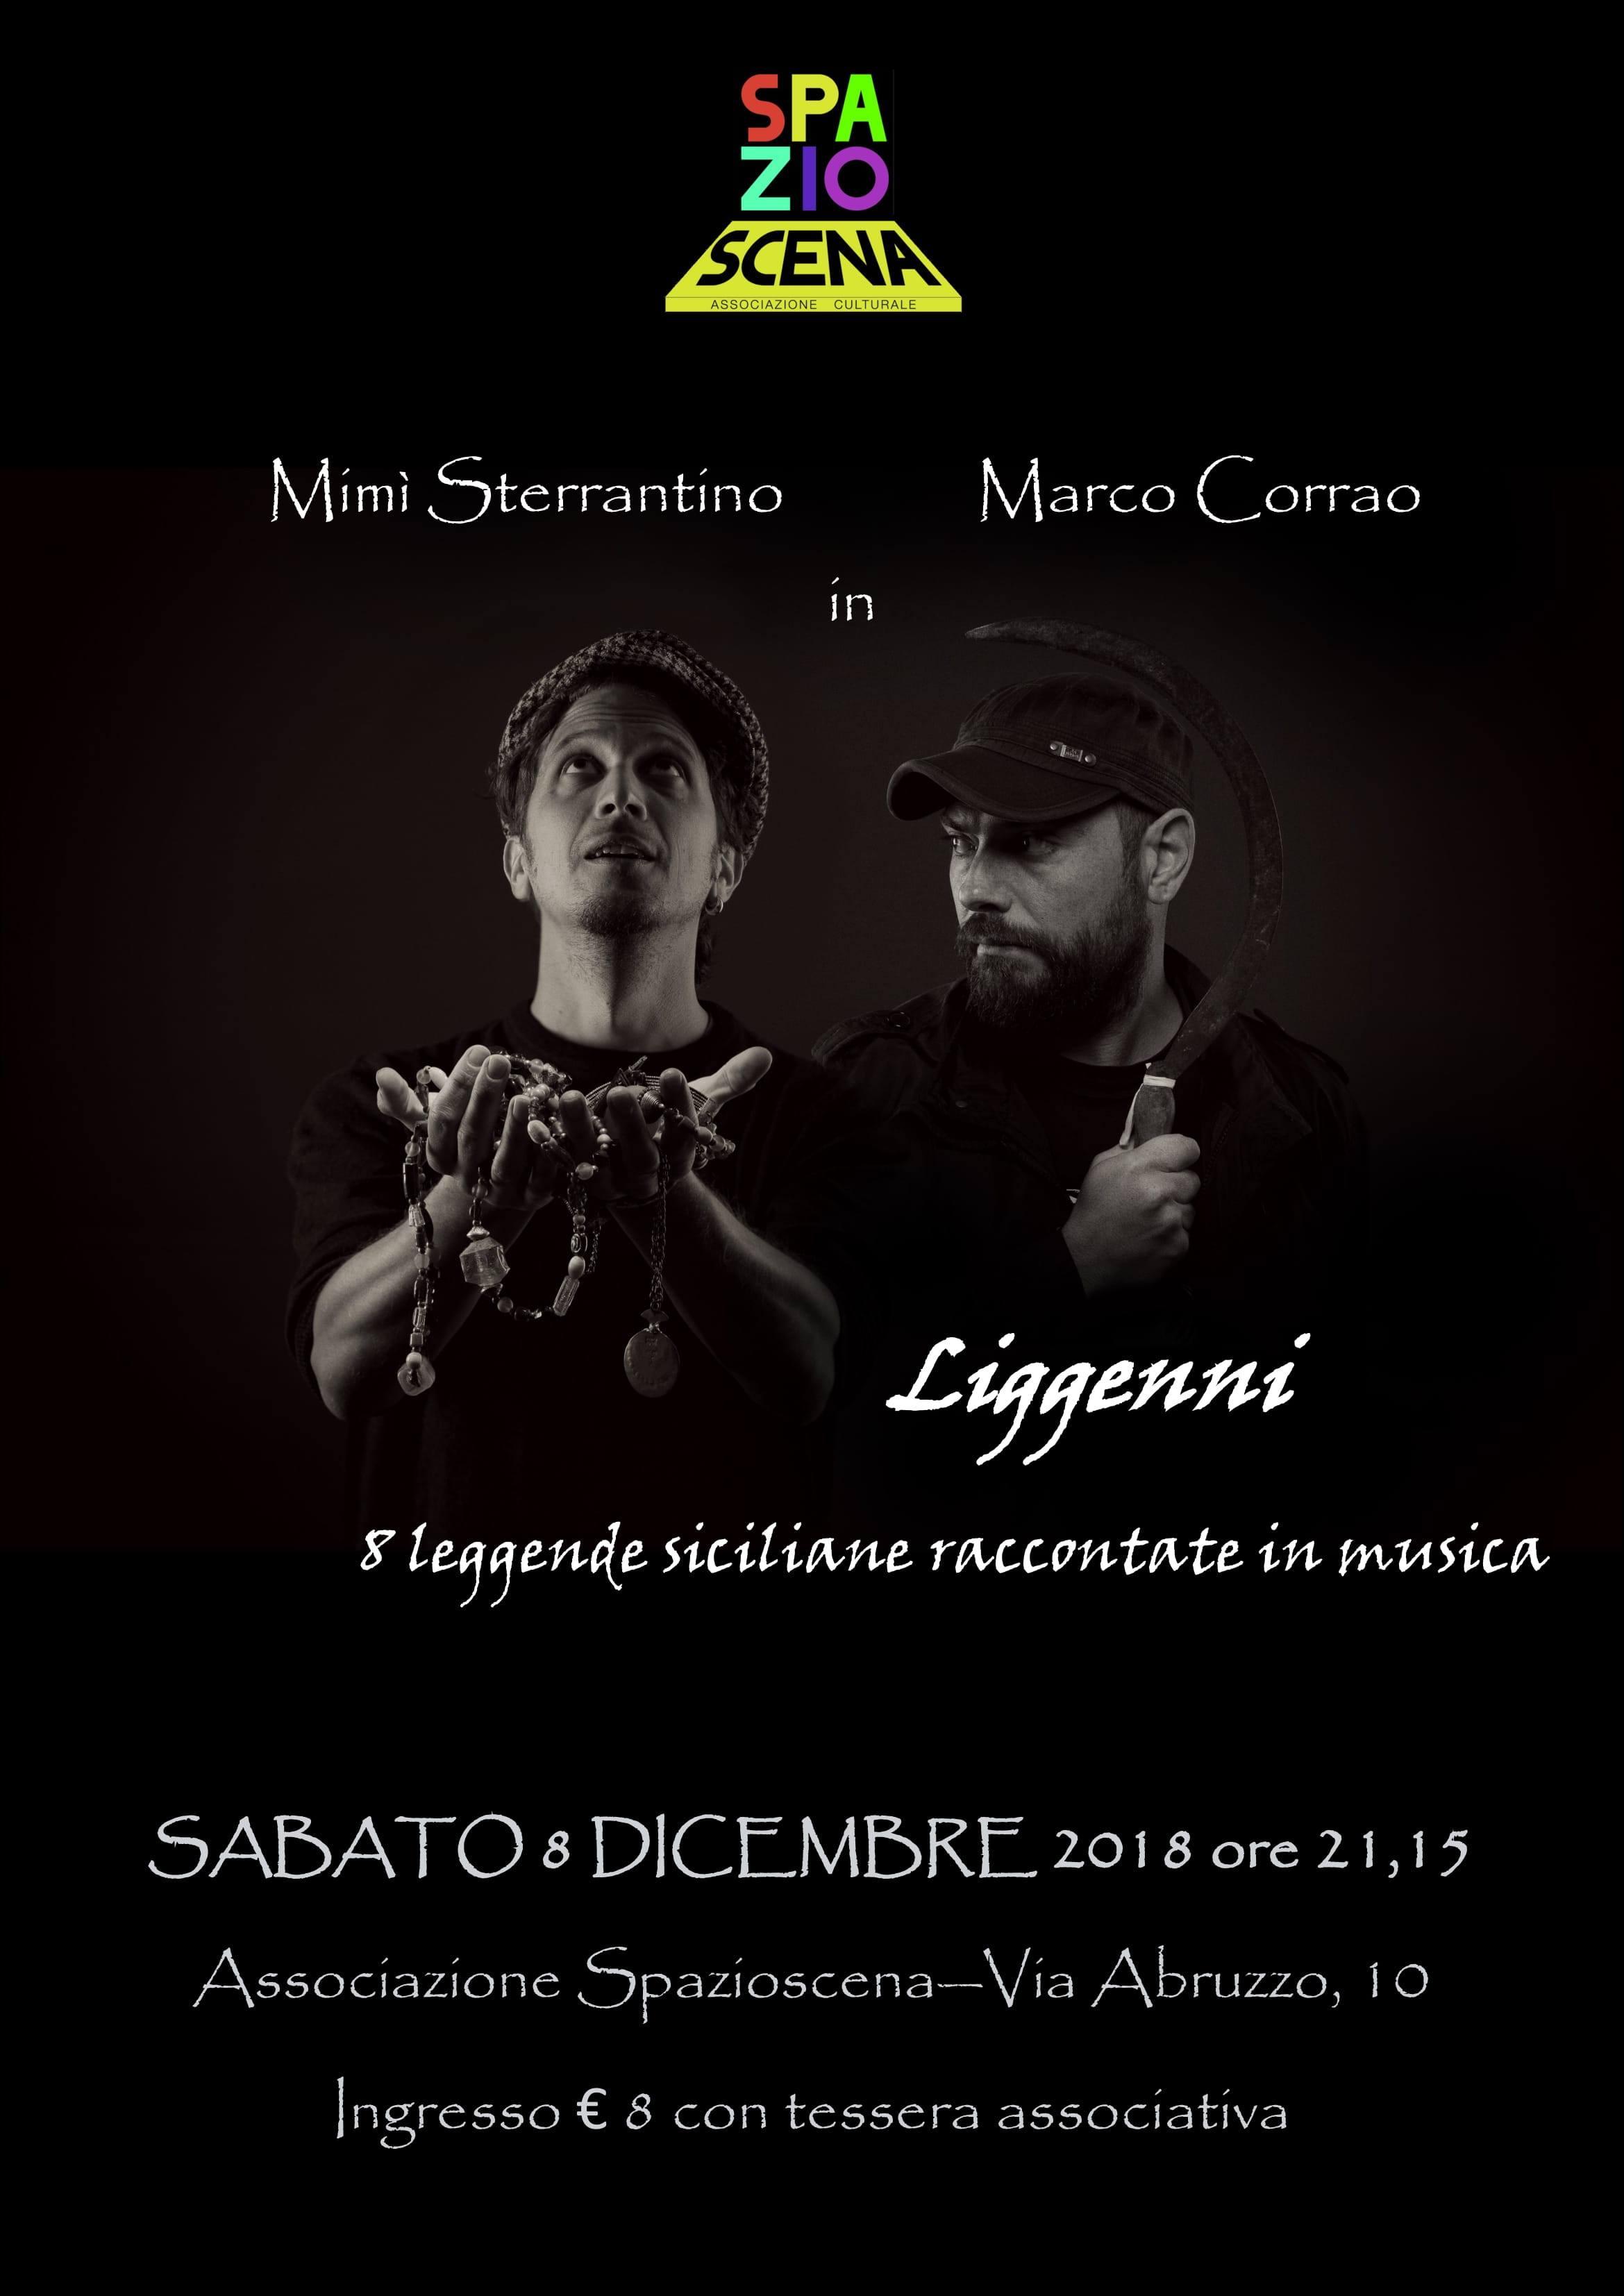 Il blues siciliano di Mimì Sterrantino in concerto all'Associazione Spazioscena di Castelbuono